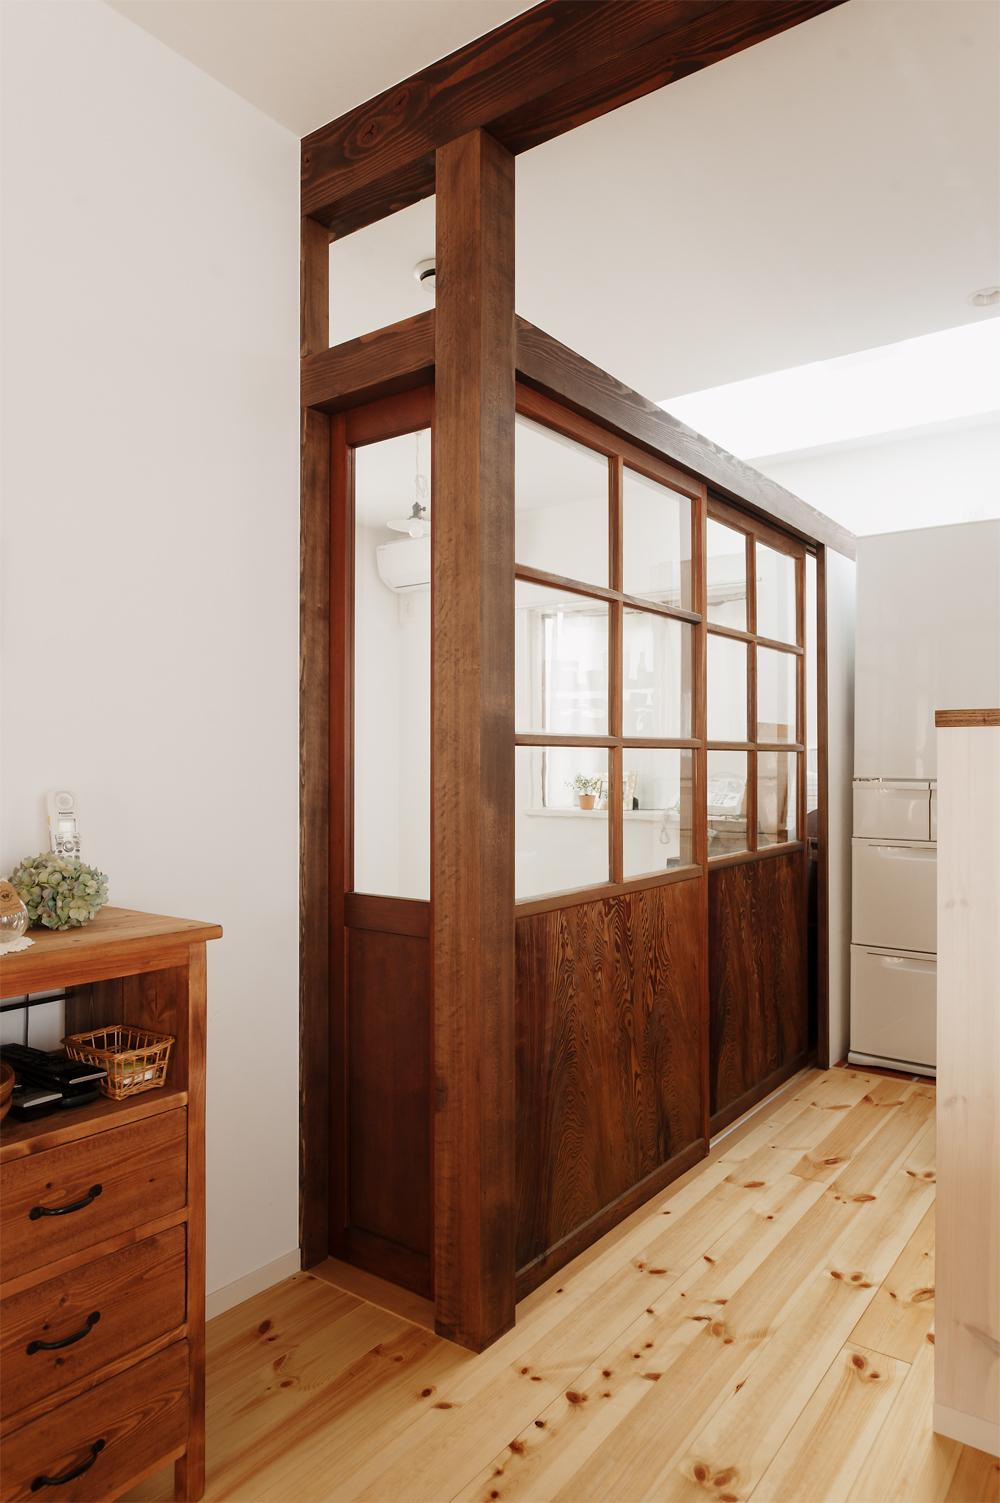 T邸・家族のくらしをより楽しく豊かにするとっておきの家の部屋 施主お気に入りの建具を再利用